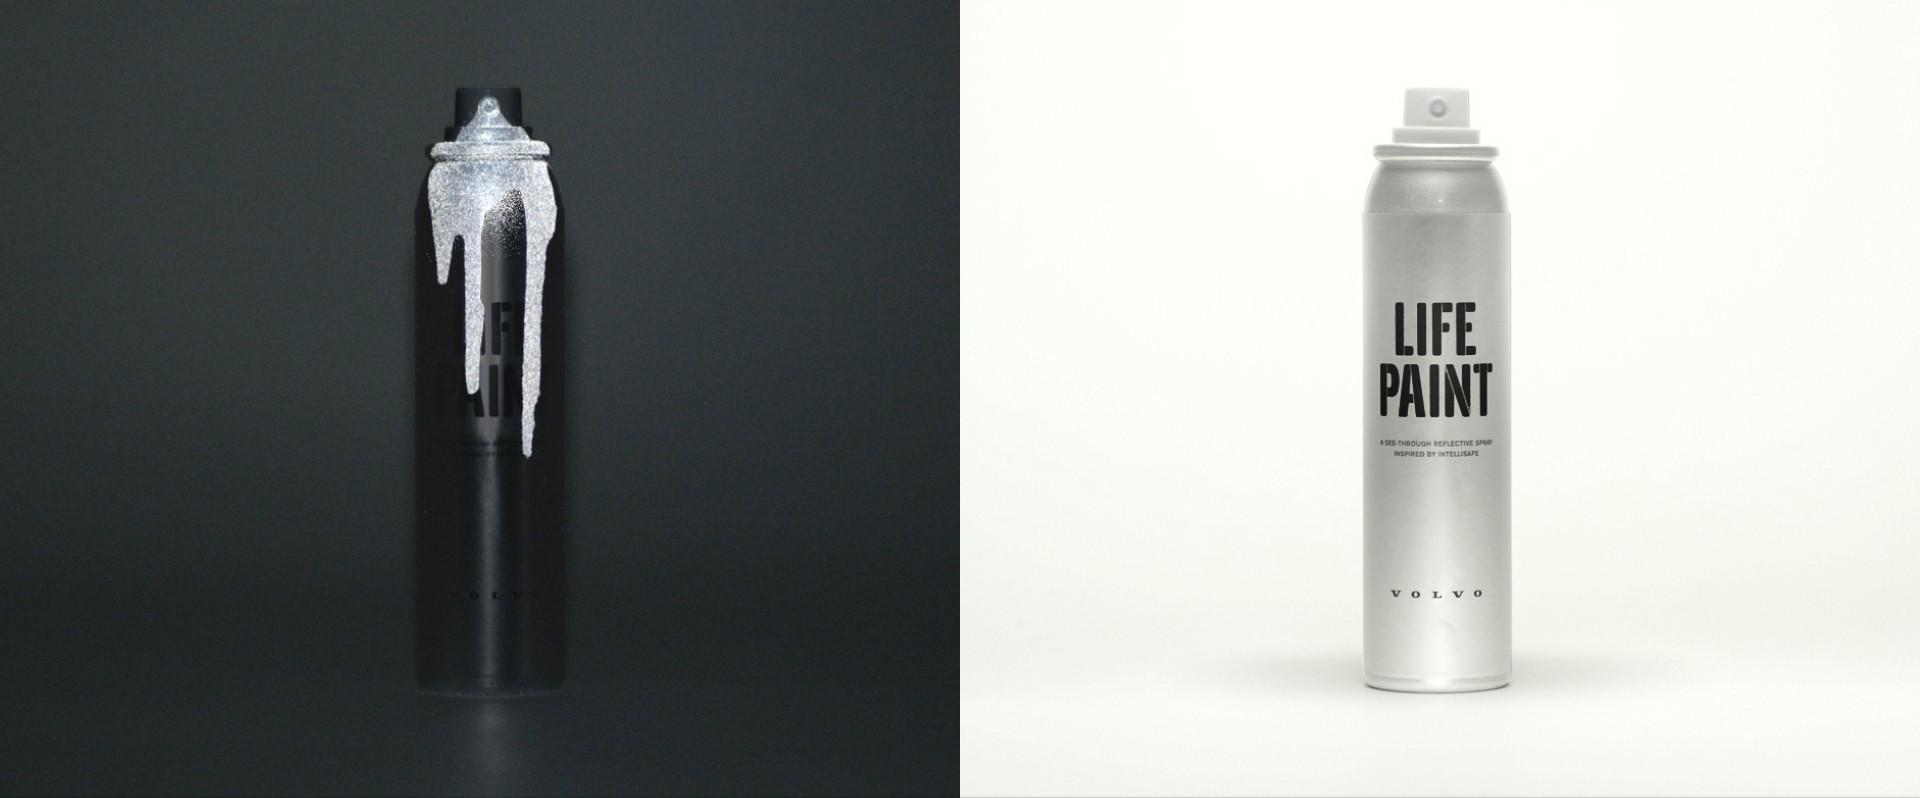 """ФАРБУ LIFE PAINT ДЛЯ ПІДВИЩЕННЯ БЕЗПЕКИ ВЕЛОСИПЕДИСТІВ ПРЕДСТАВЛЕНО У """"ВІННЕР АВТОМОТІВ"""" - офіційний представник Winner в Україні"""